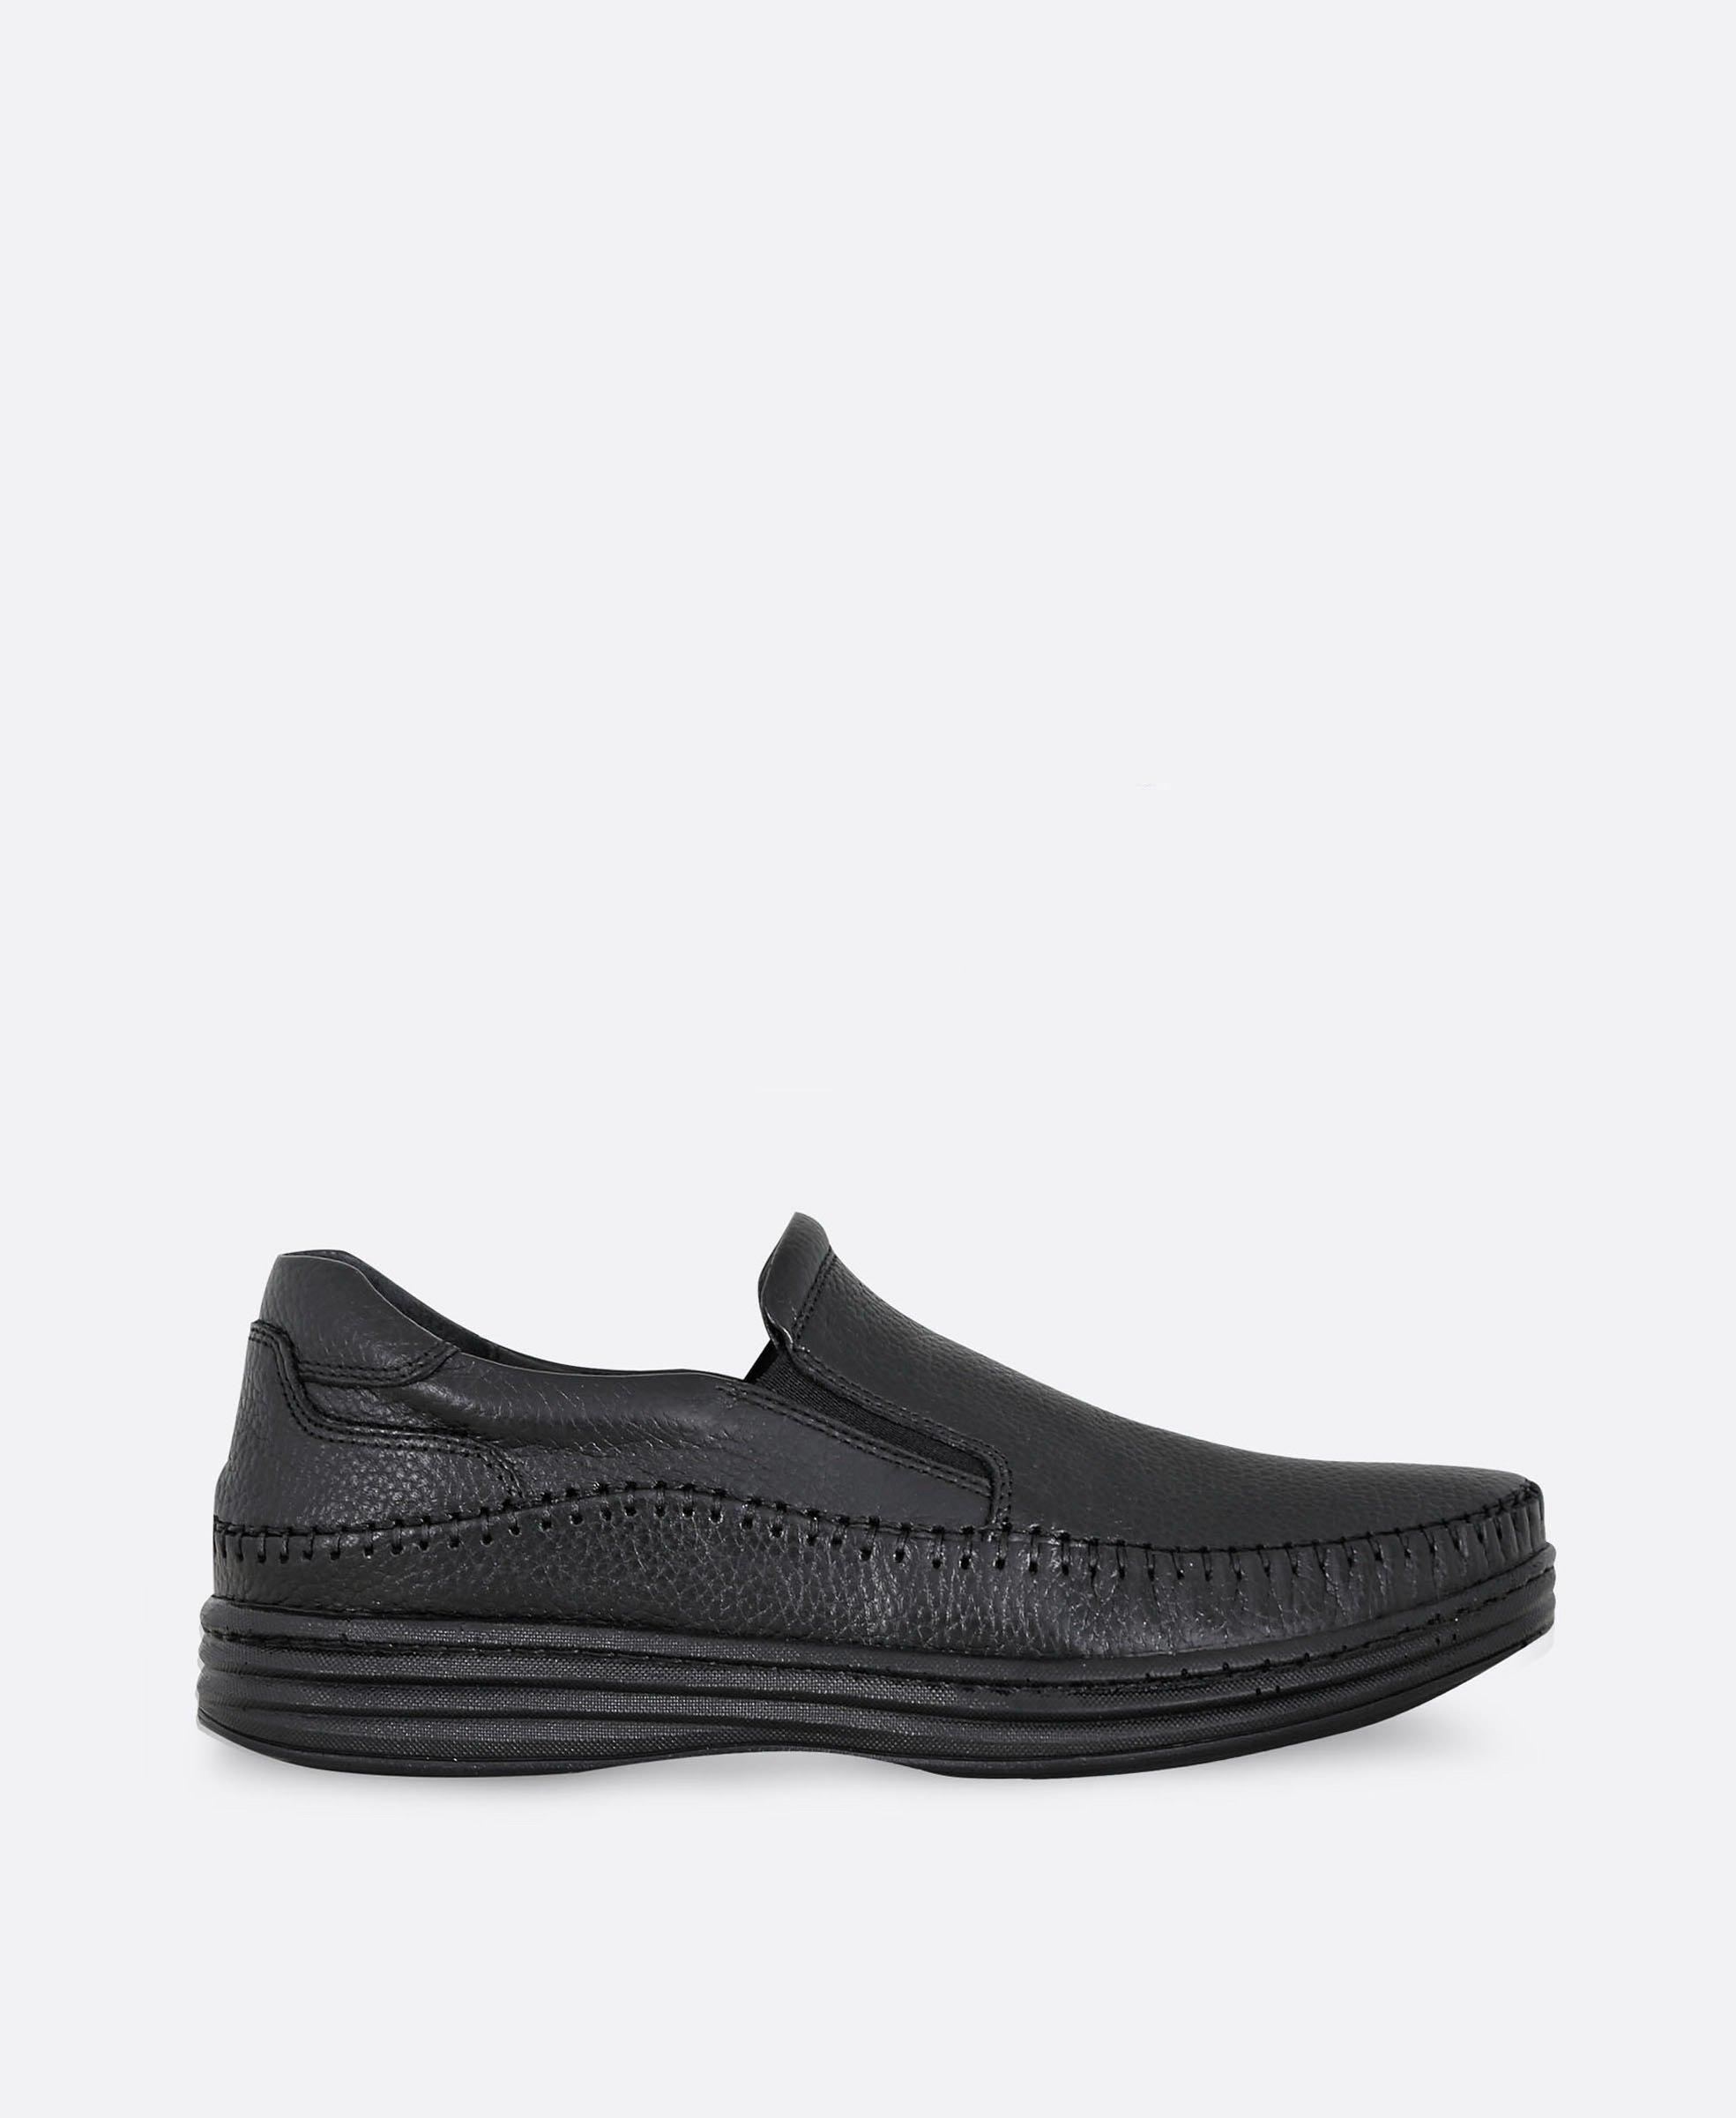 کفش مردانه چرم 3406